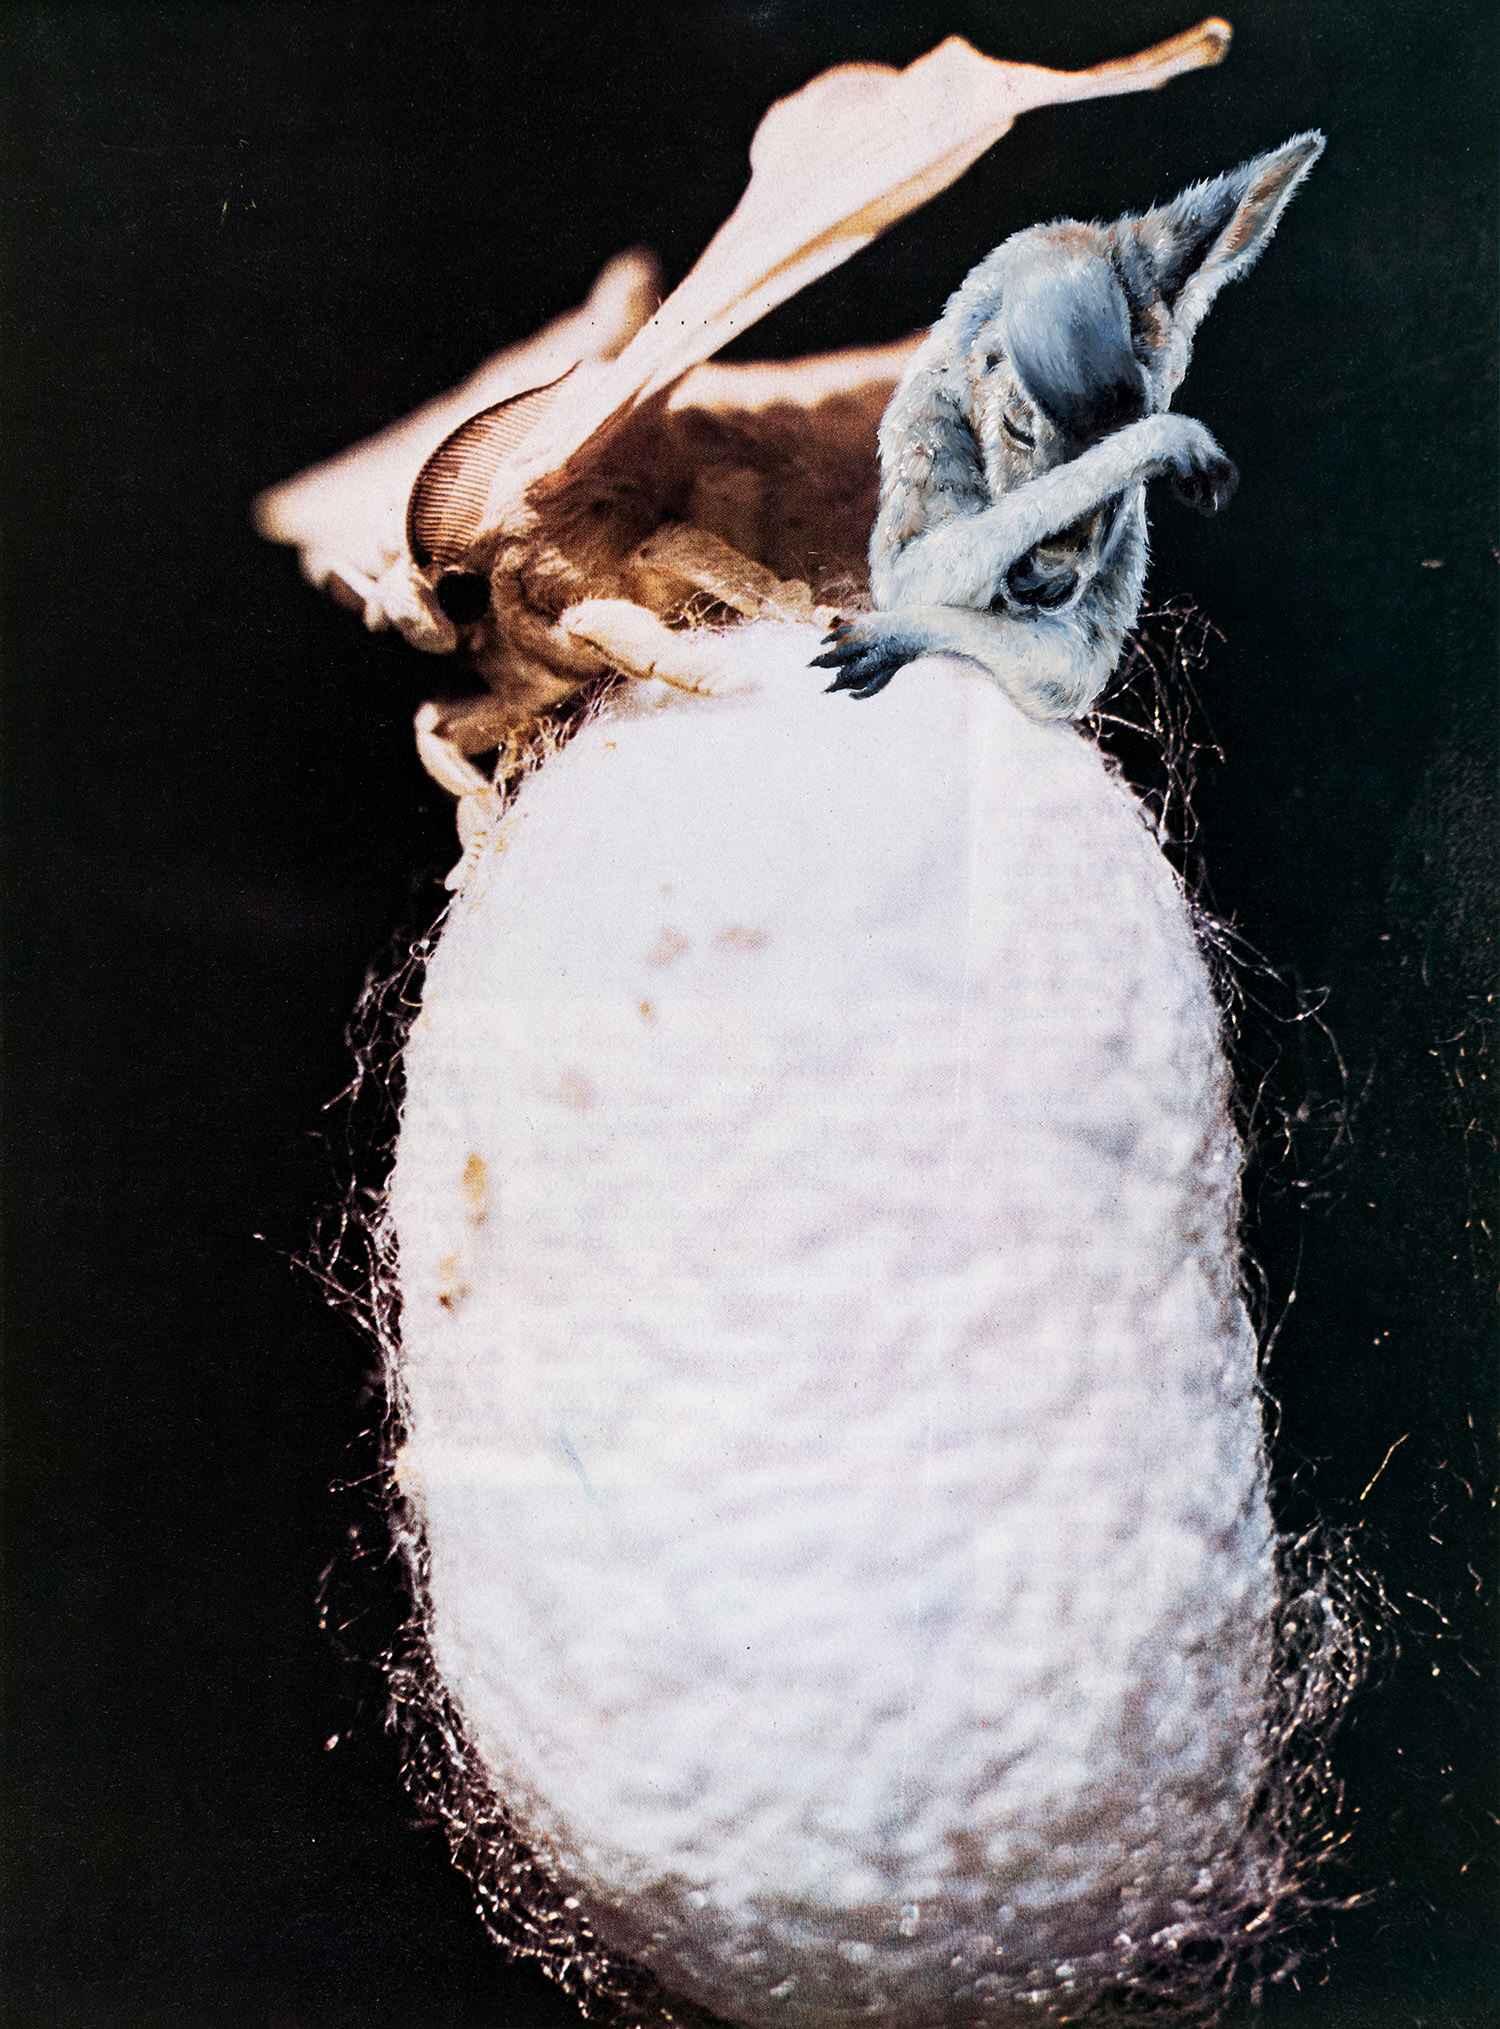 o.T. 2017, 29,4 x 21,7 cm, Öl auf Nessel